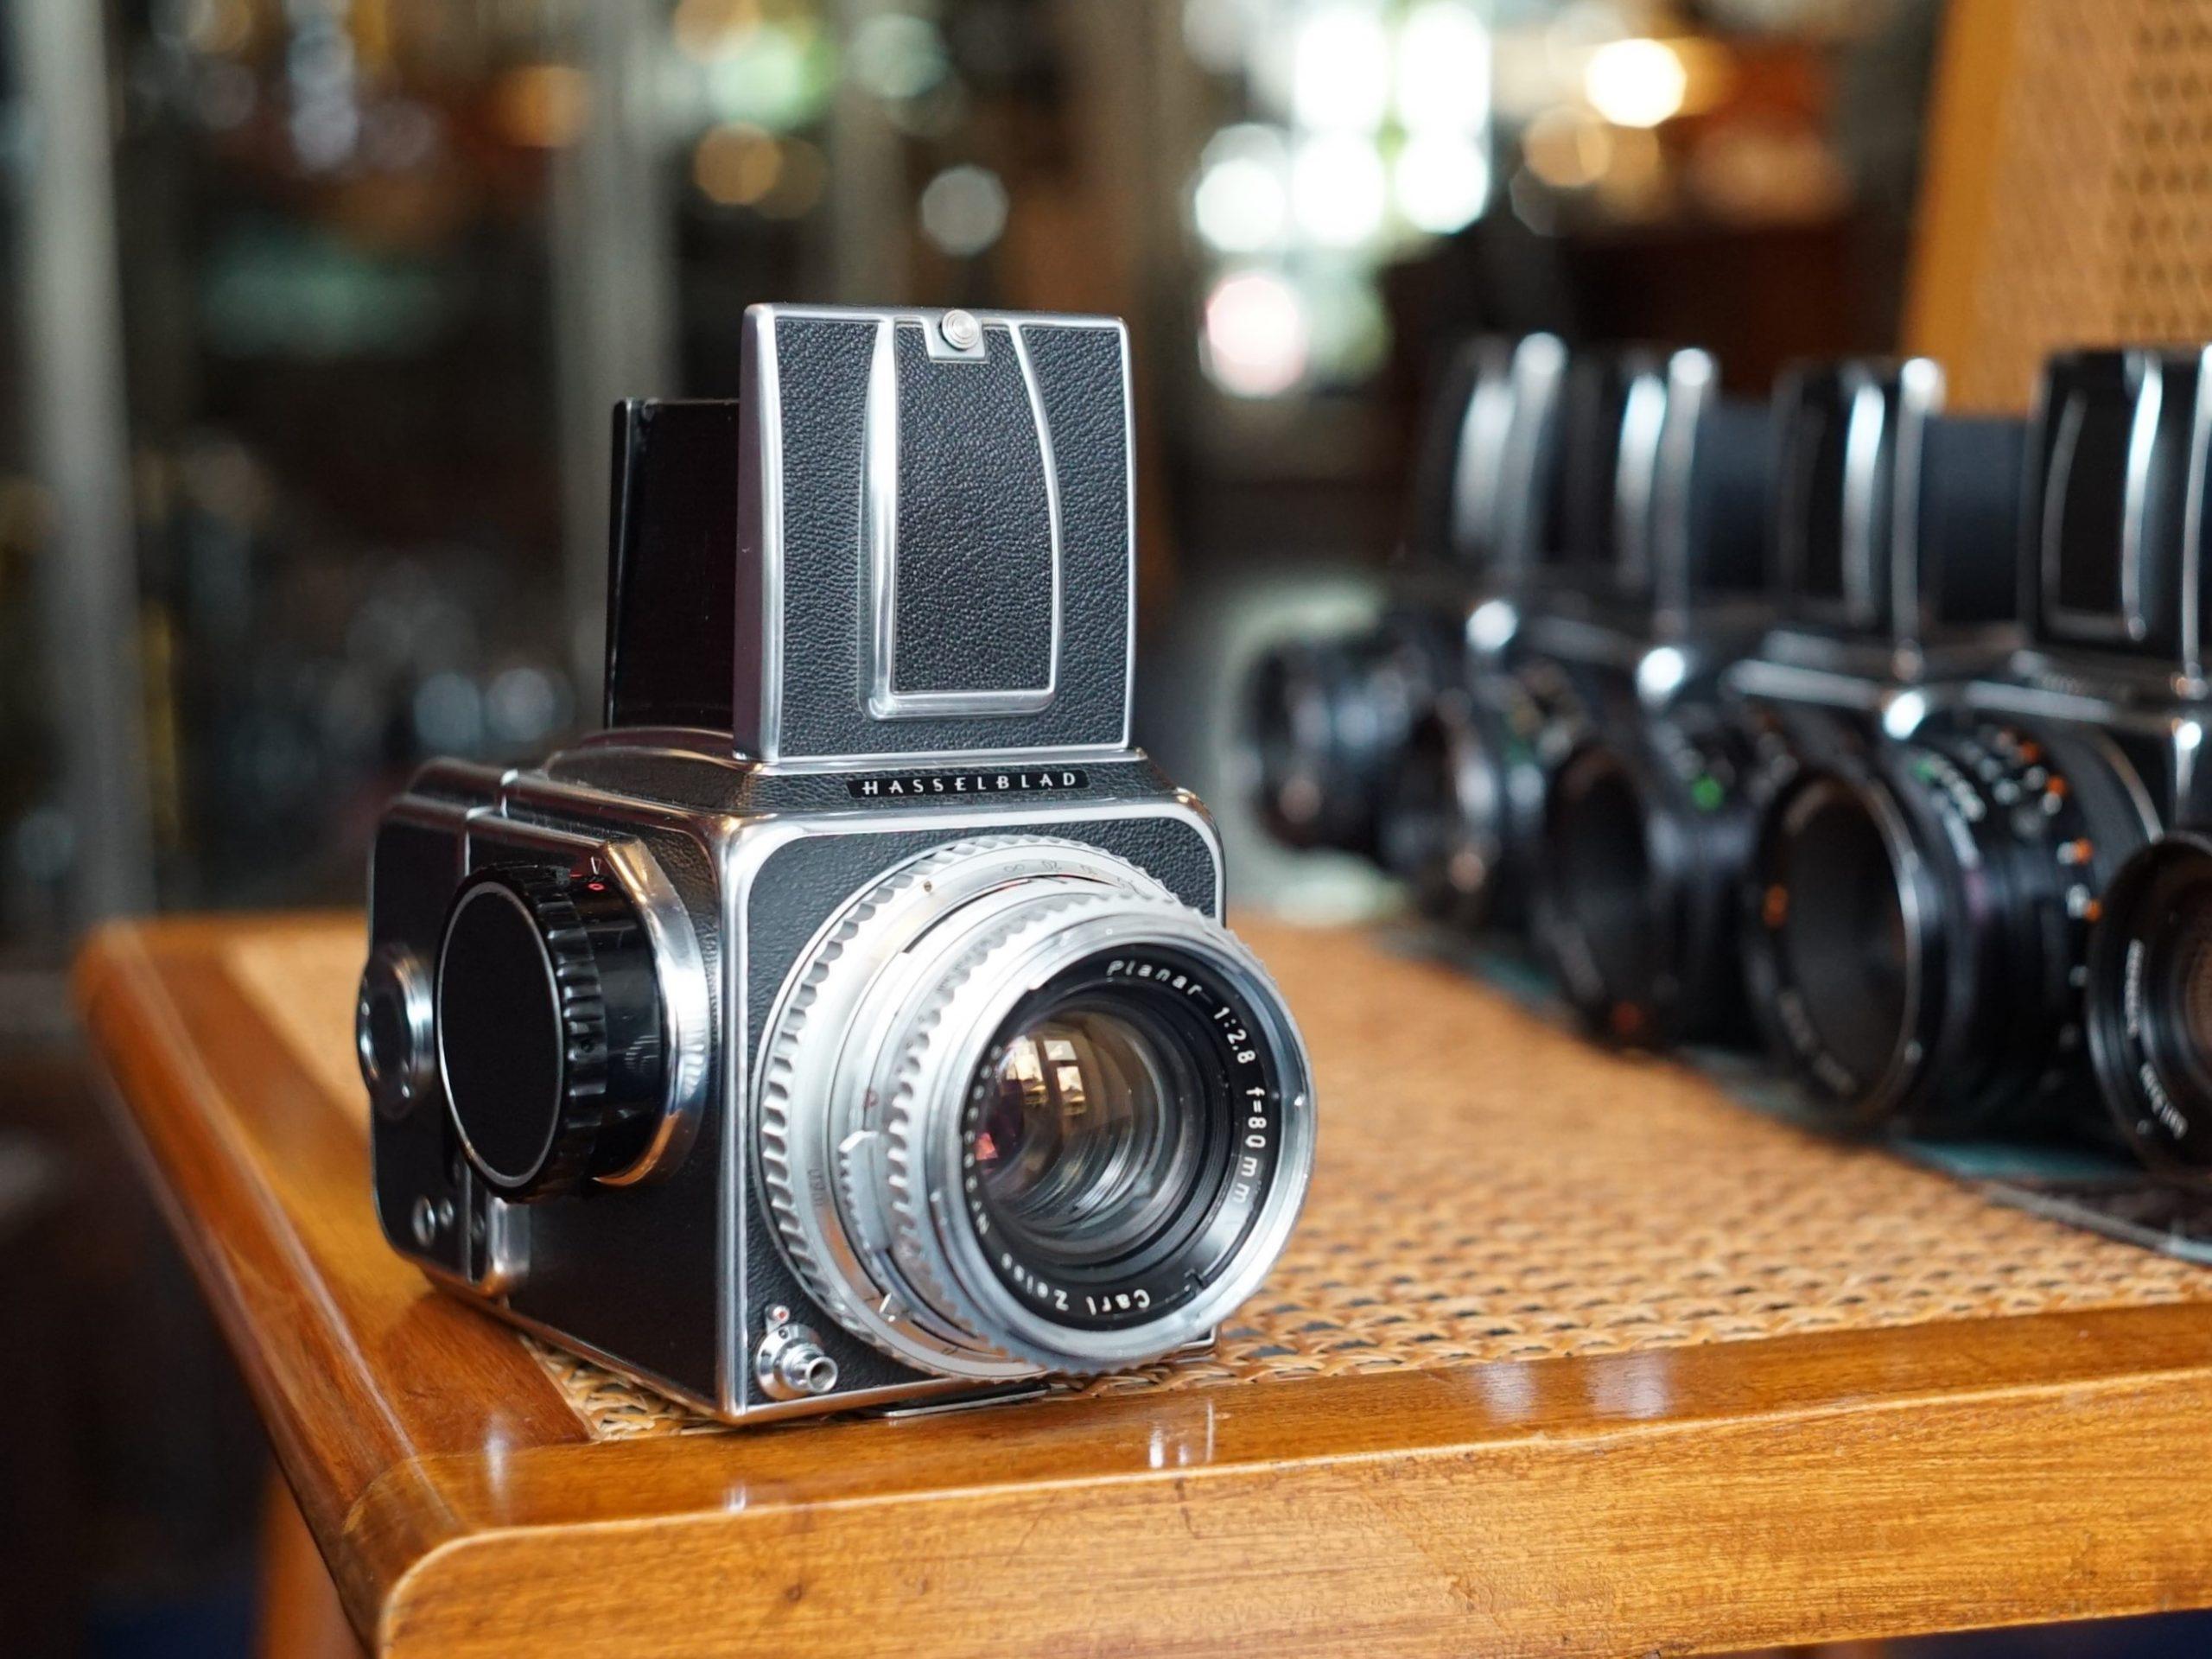 Hasselblad camera's kopen we graag in. Fotohandel Delfshaven is ook altijd op zoek naar Analoog Leica M3, M2, M4, M6, Mamiya RZ67, M645, Nikon F, F2, FM3a, FM2, Olympus OM, We horen het graag indien u iets bijzonders in de aanbieding heeft